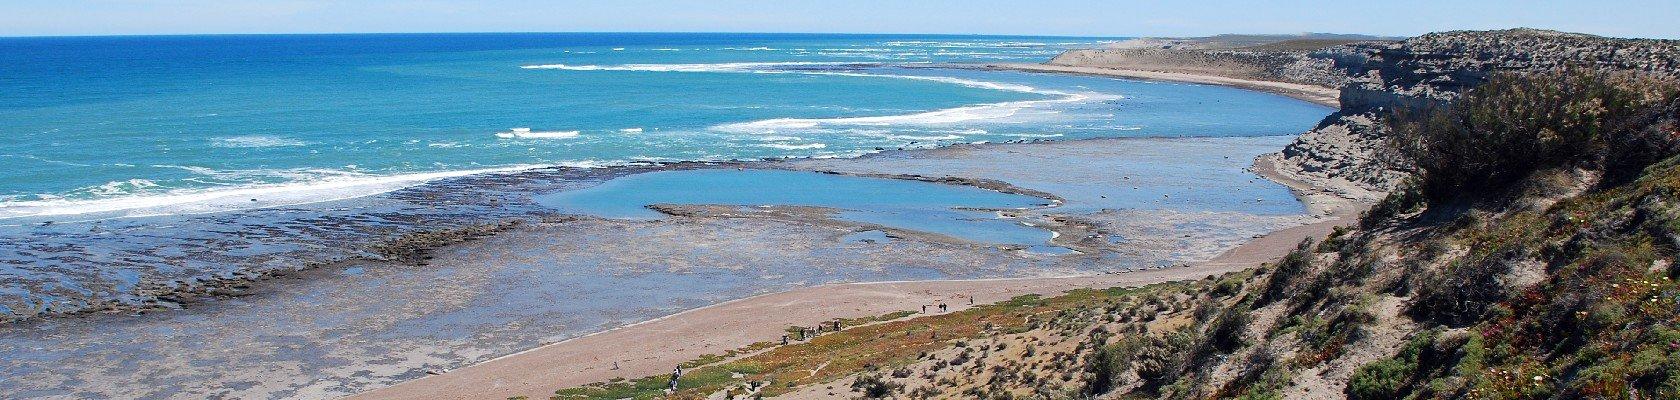 Schiereiland Península Valdés